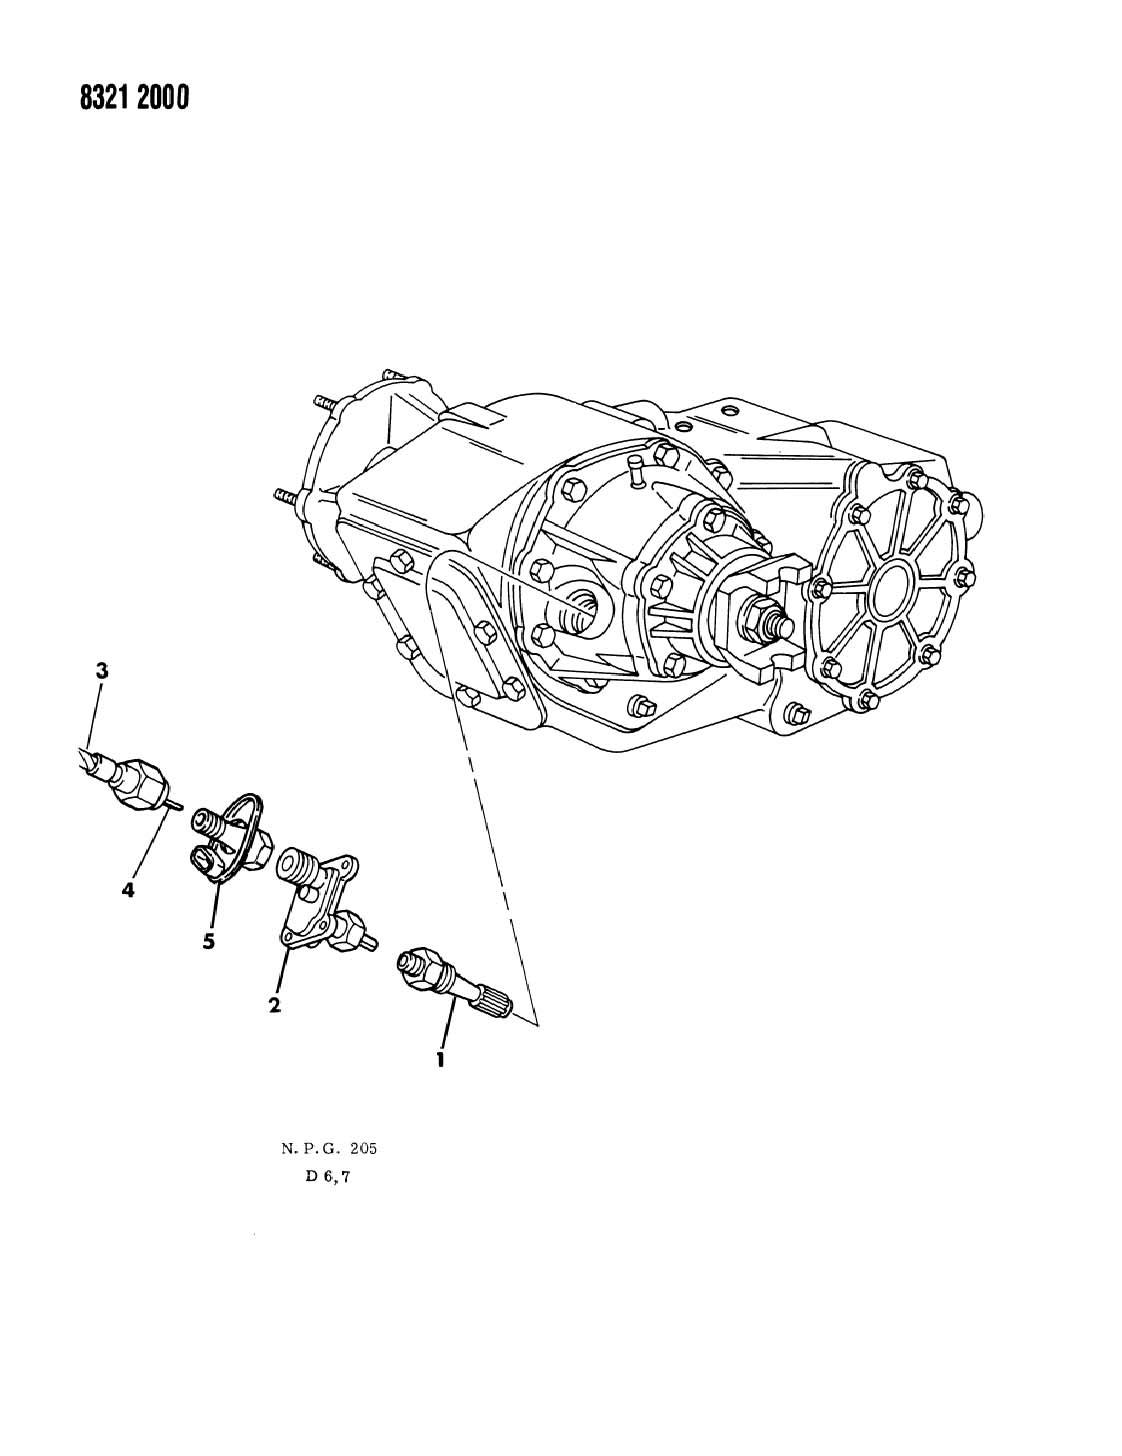 NEW Genuine MOPAR 5233152 Speed Sensor for Dakota, RAM